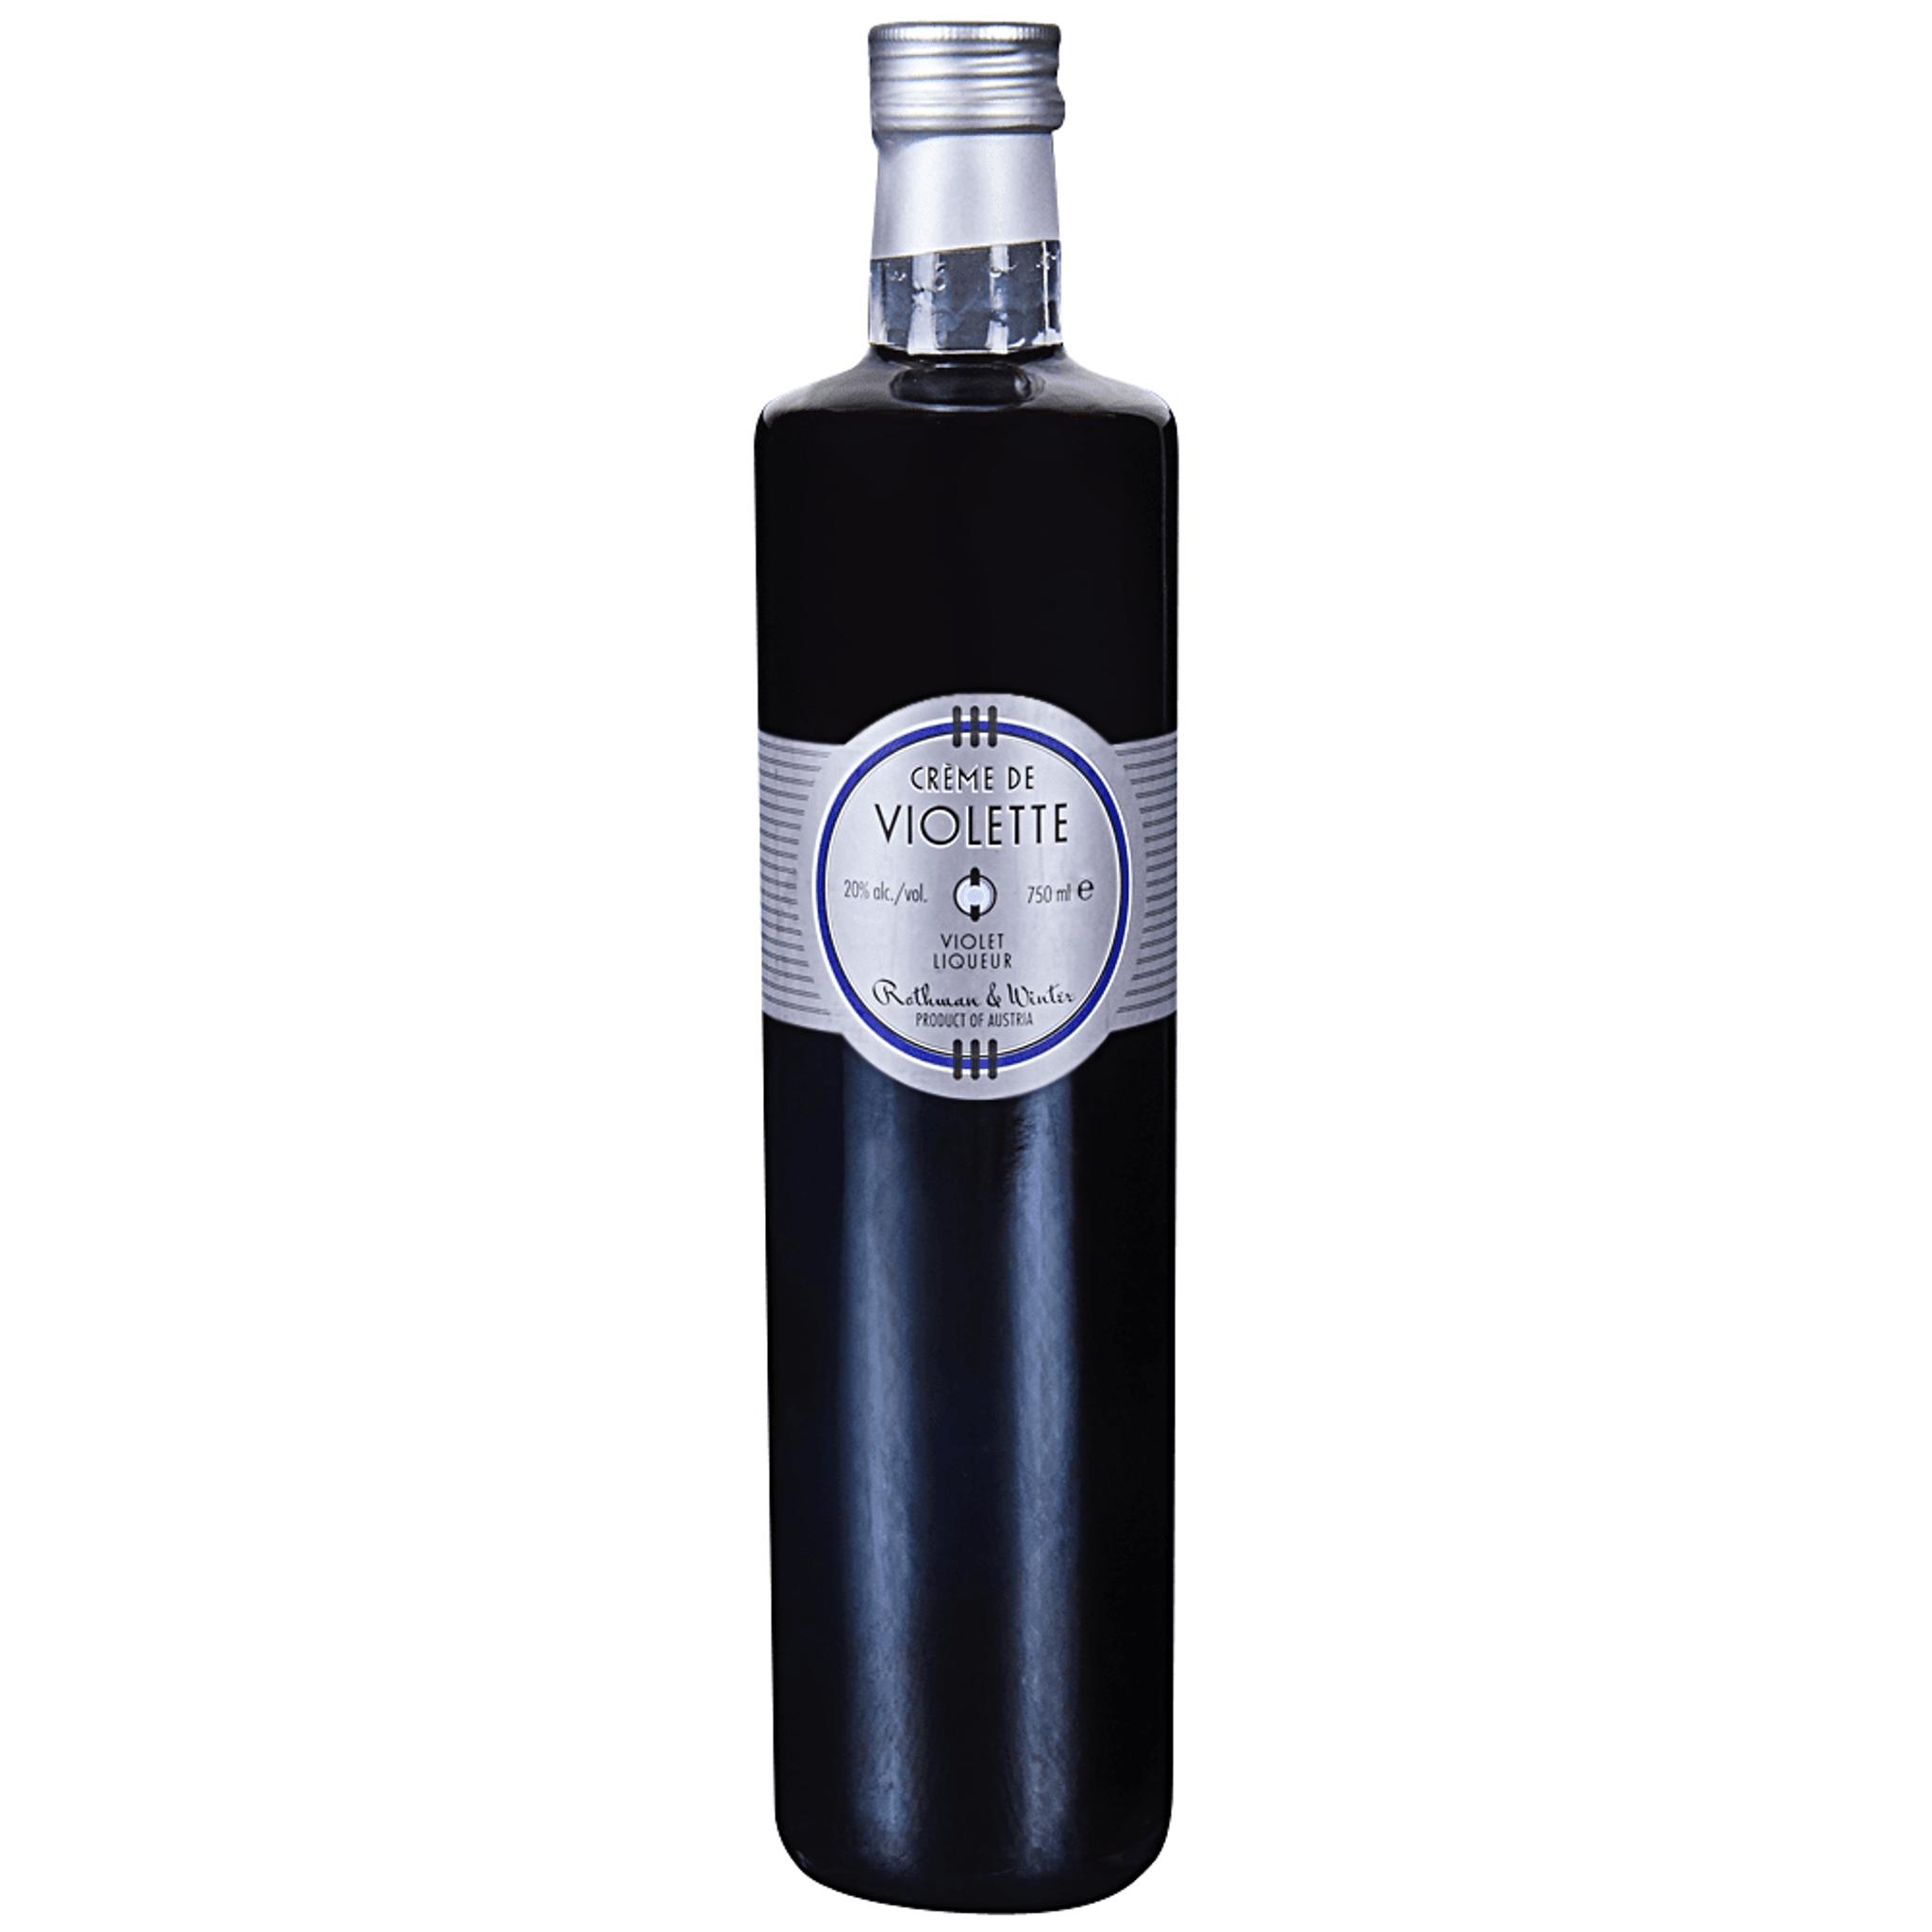 Cuisine Blanc Gris Violet rothman & winter creme de violette liqueur